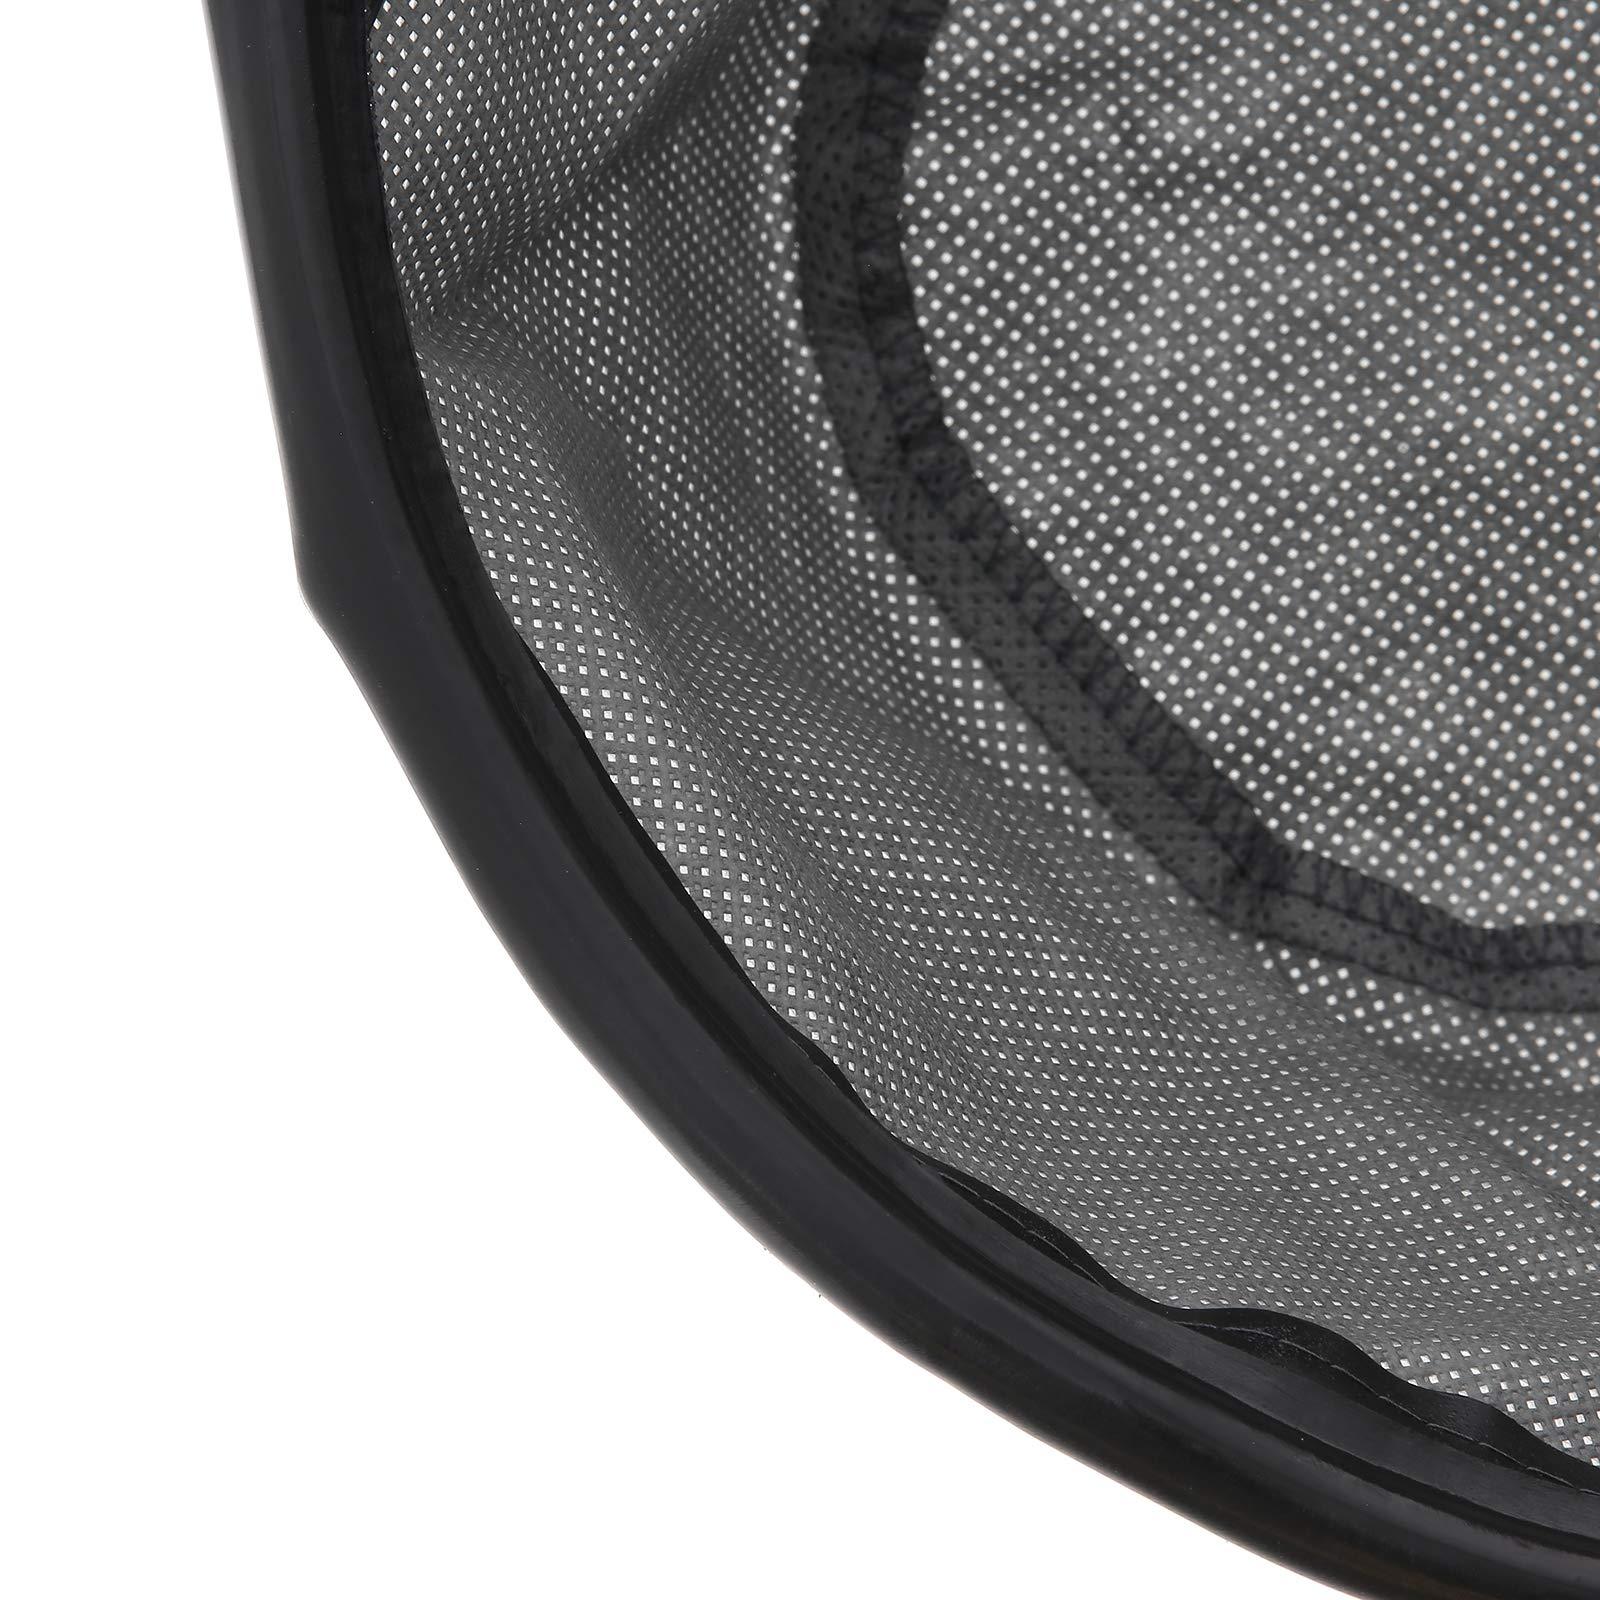 First4Spares - Filtro para Colector de Aspiradora de Ceniza, Polvo y Restos: Amazon.es: Hogar